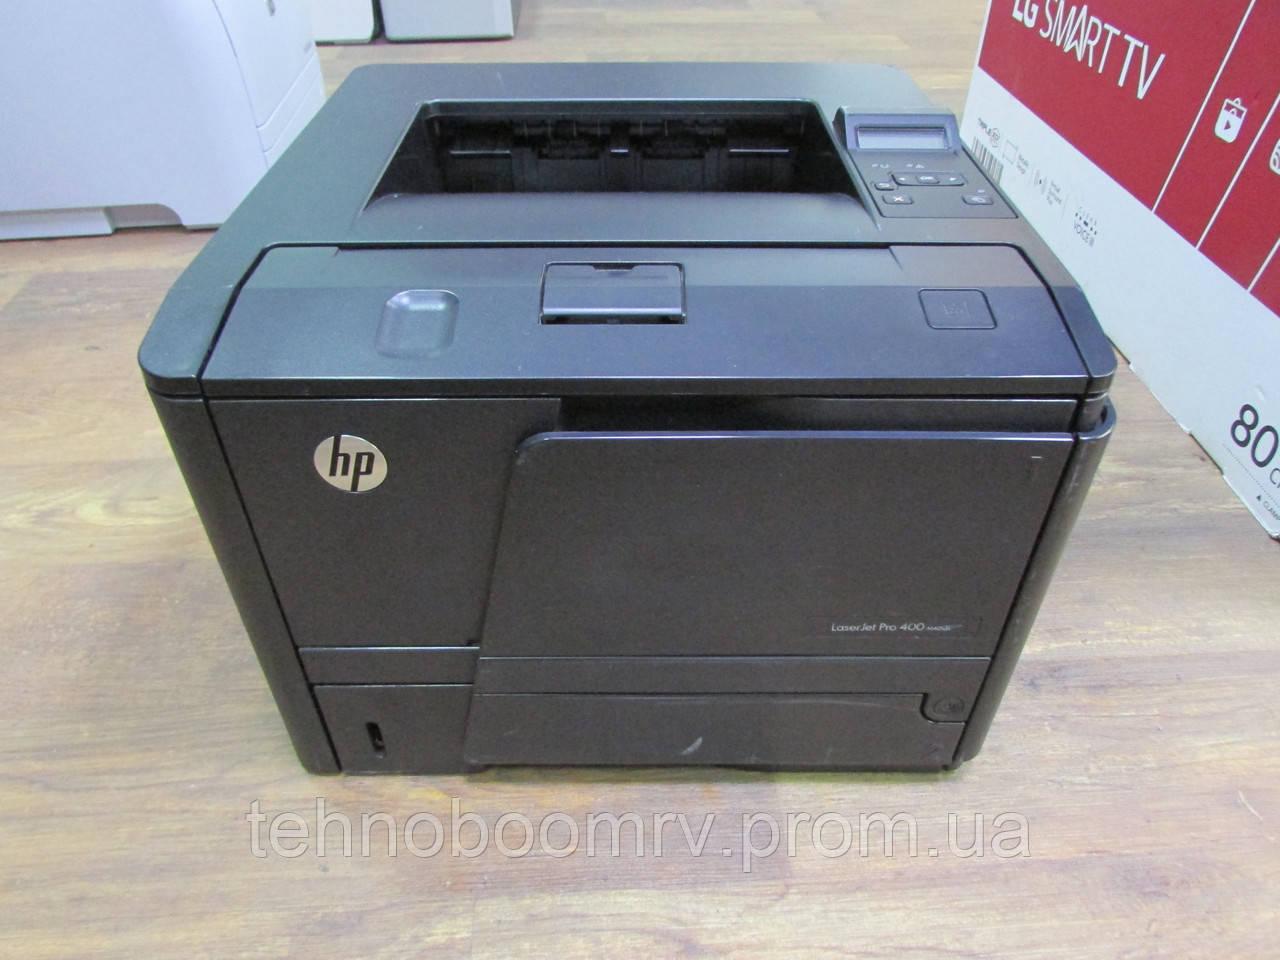 Лазерный принтер HP LaserJet PRO 400 ч/б 33стр/мин - дуплекс/сетевой